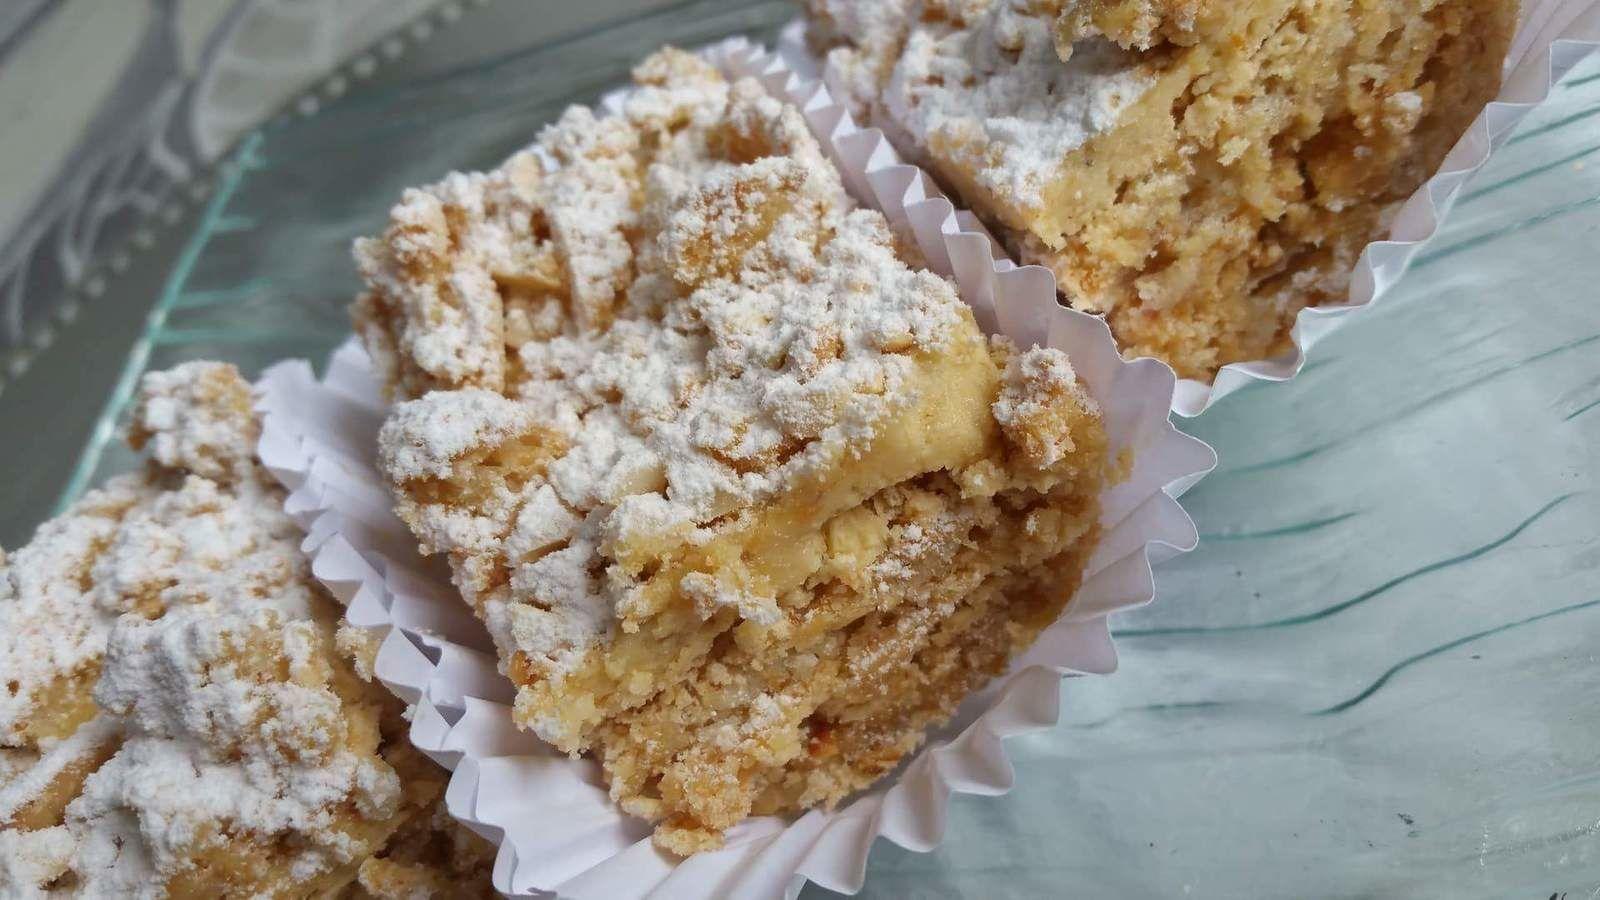 LE CASTEL RECETTE Recette cheesecake, Alimentation et